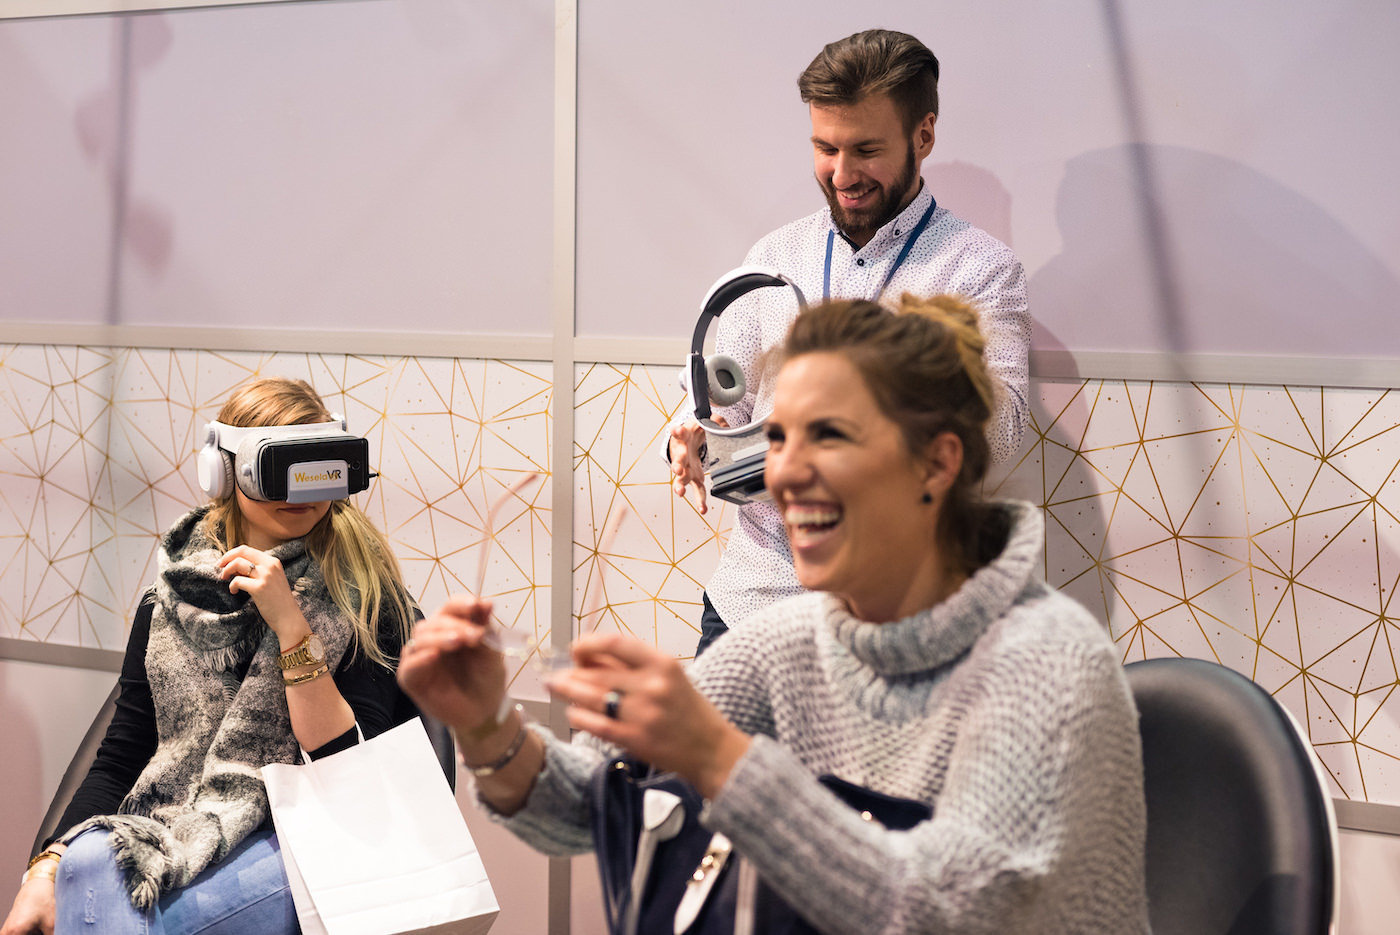 stoisko VR i szczęśliwi ludzie